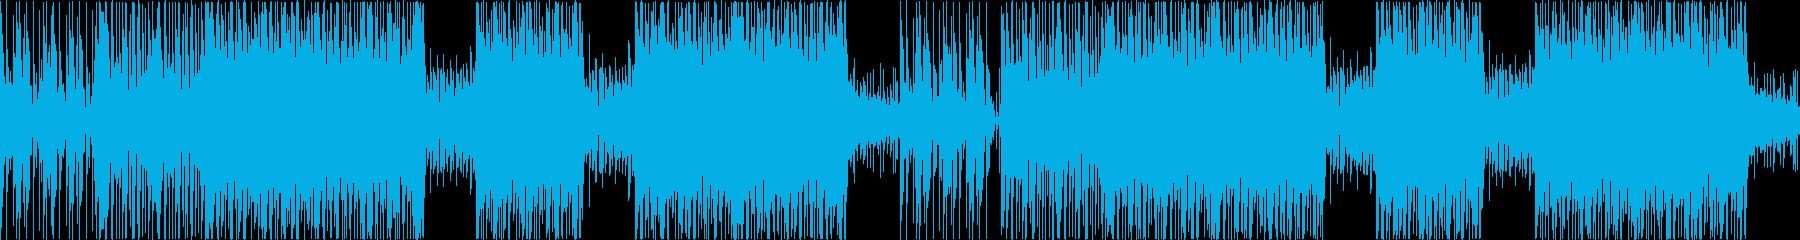 未来感のある無機質なテクスチャー系BGMの再生済みの波形